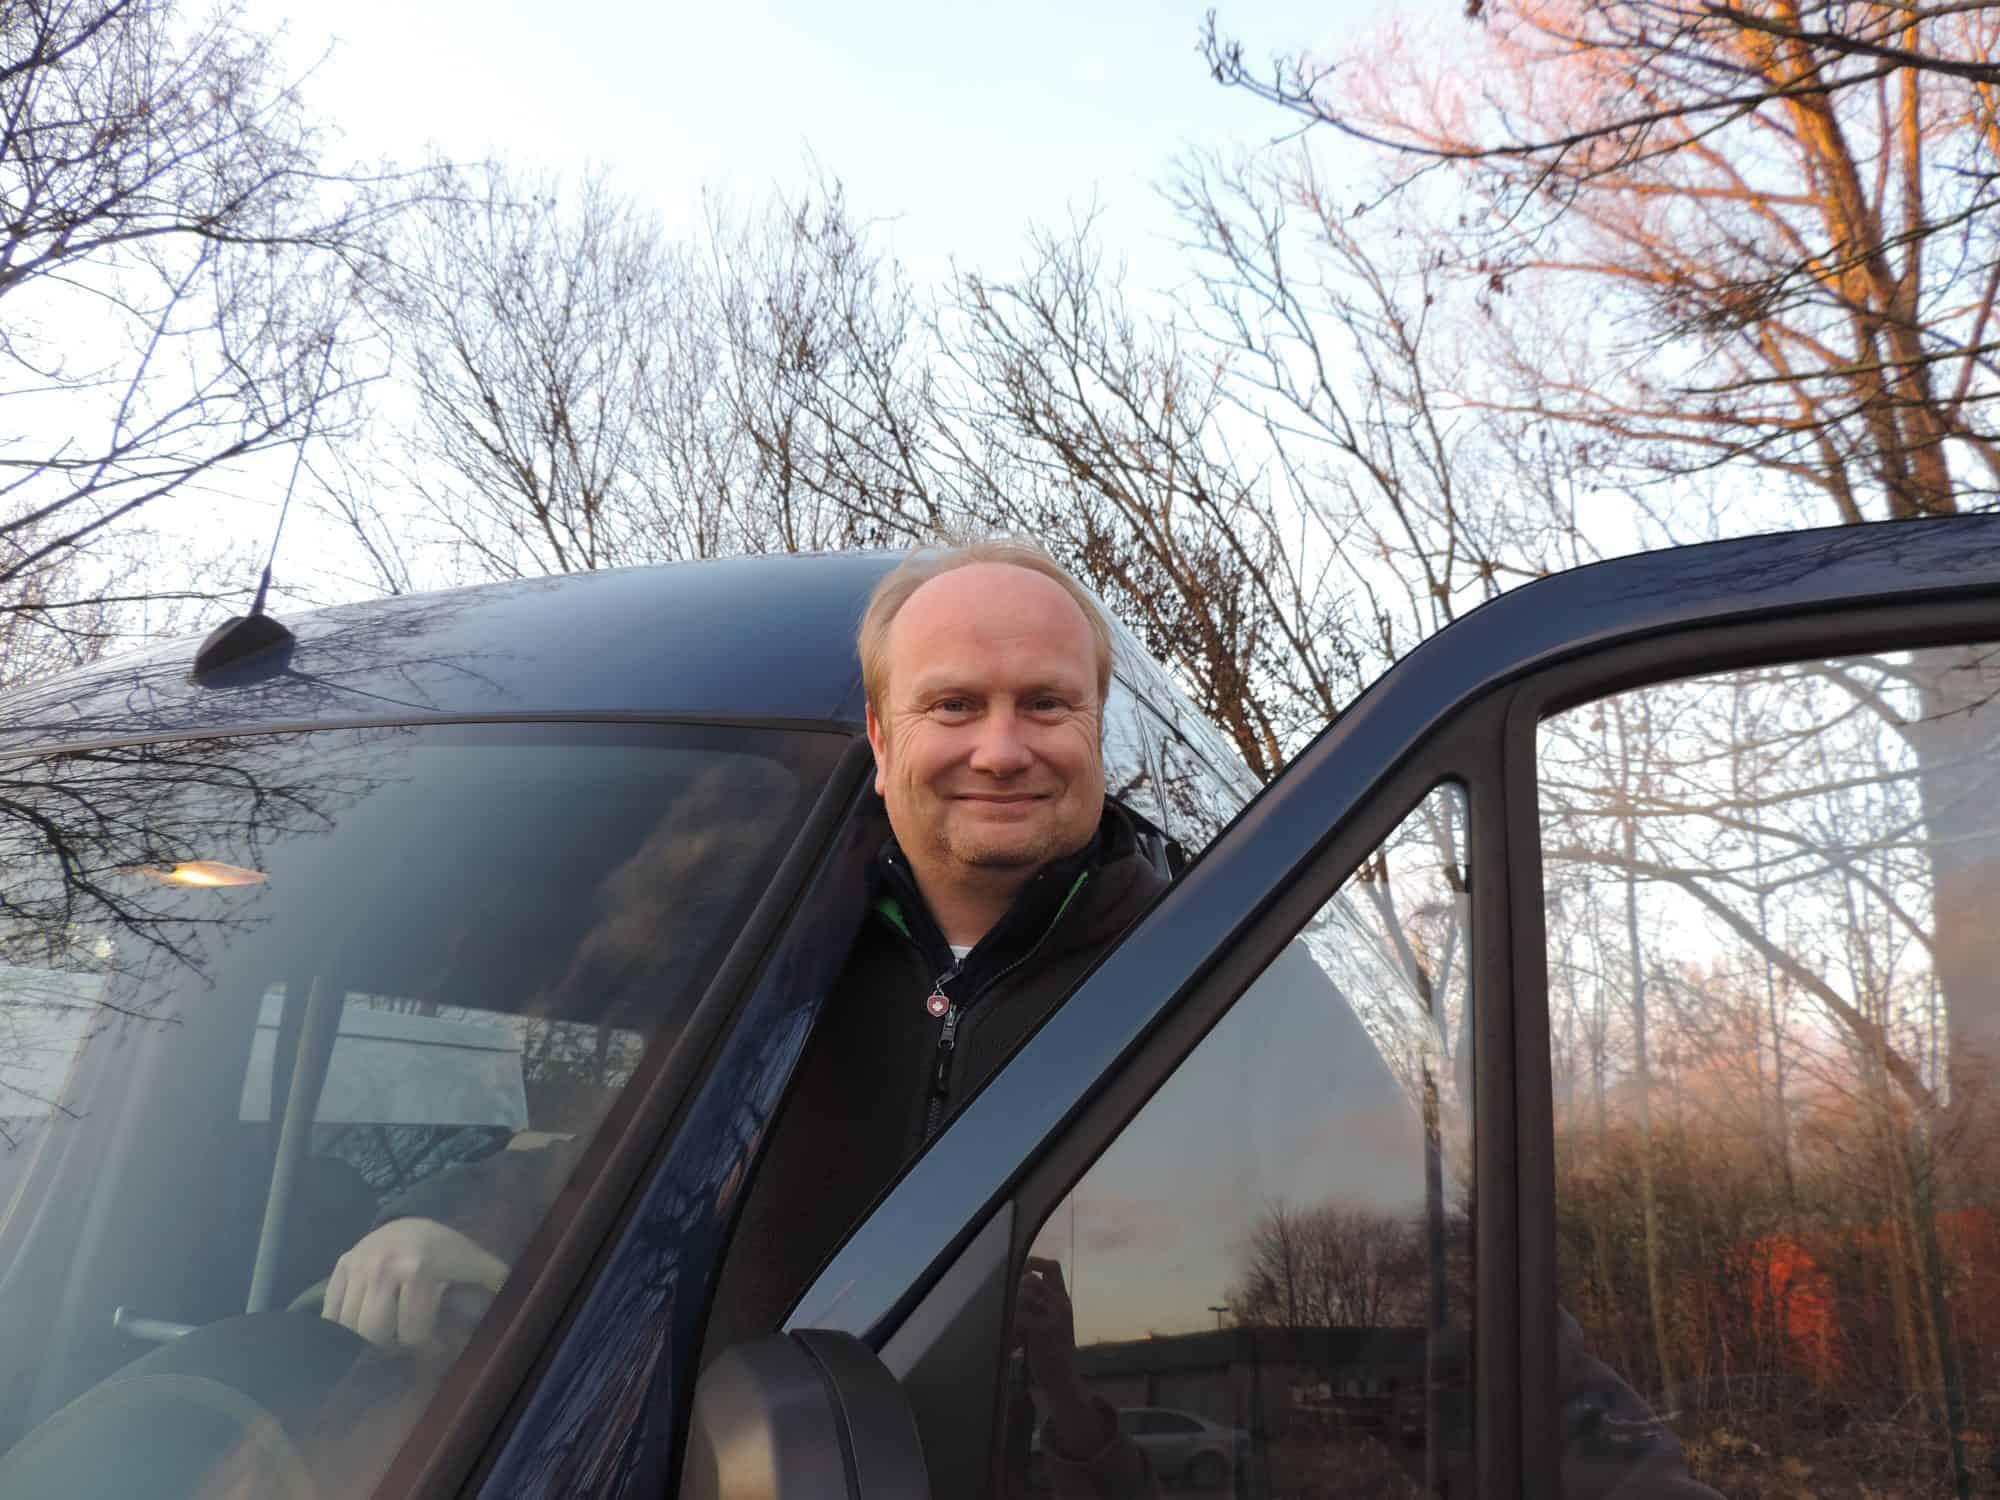 Der Lippstädter Busunternehmer Michael Berensmeier. Foto: Hense-Ferch